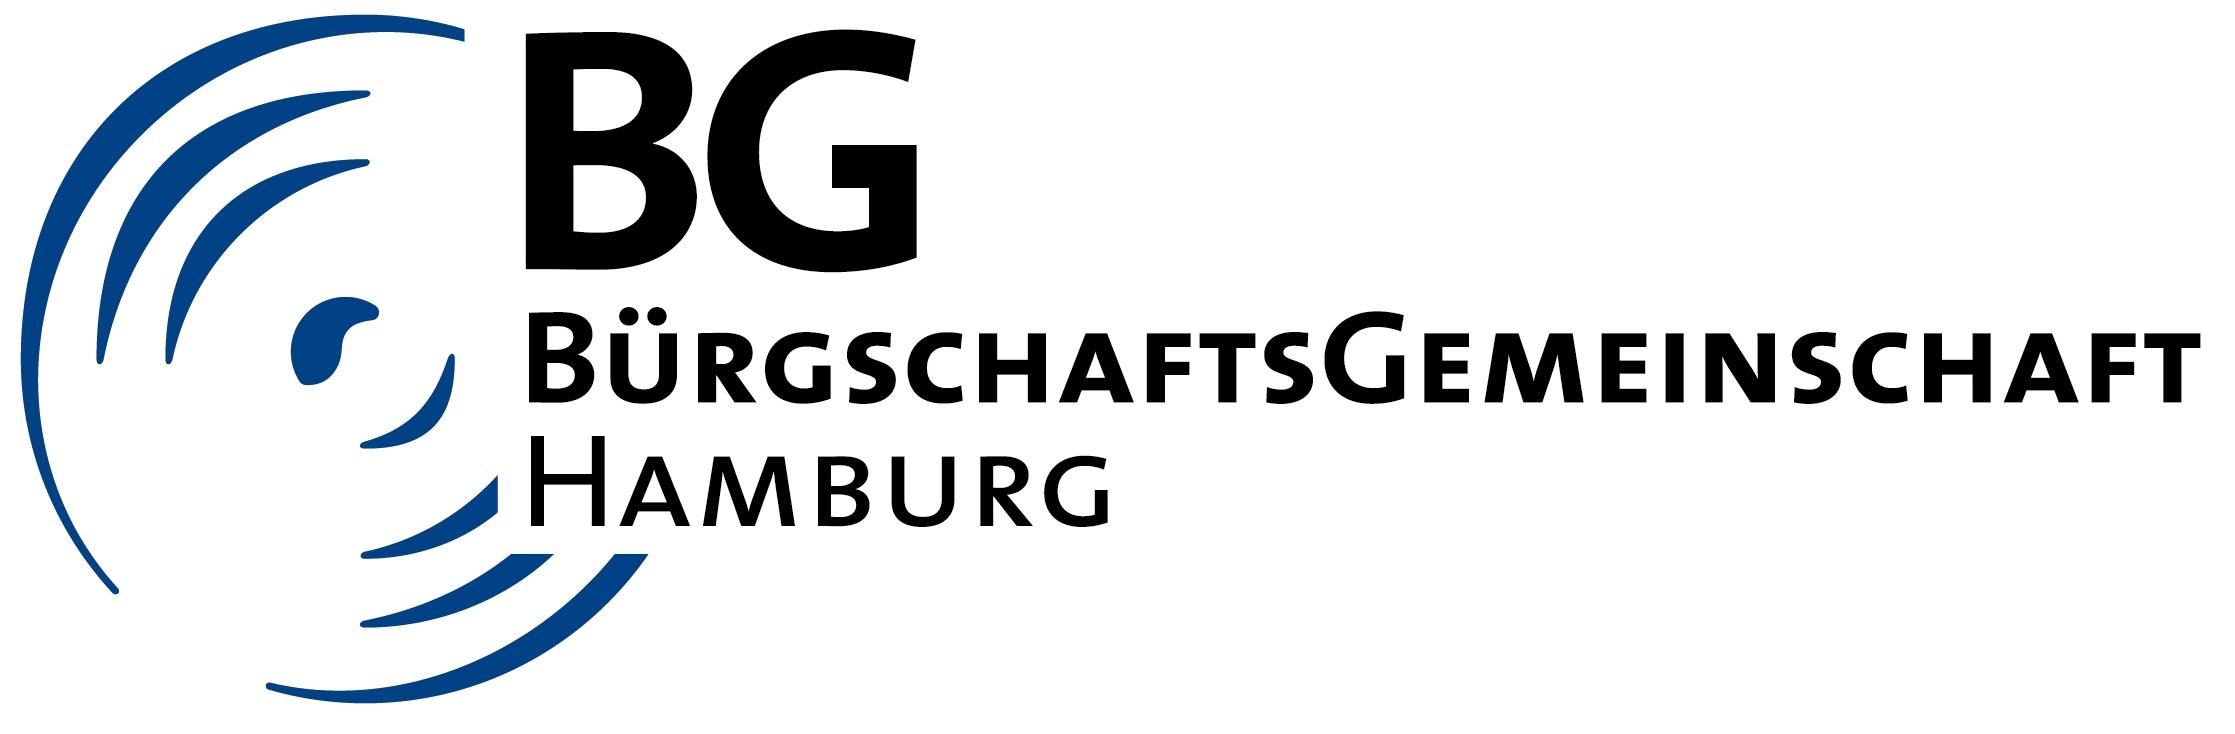 BG Hamburg